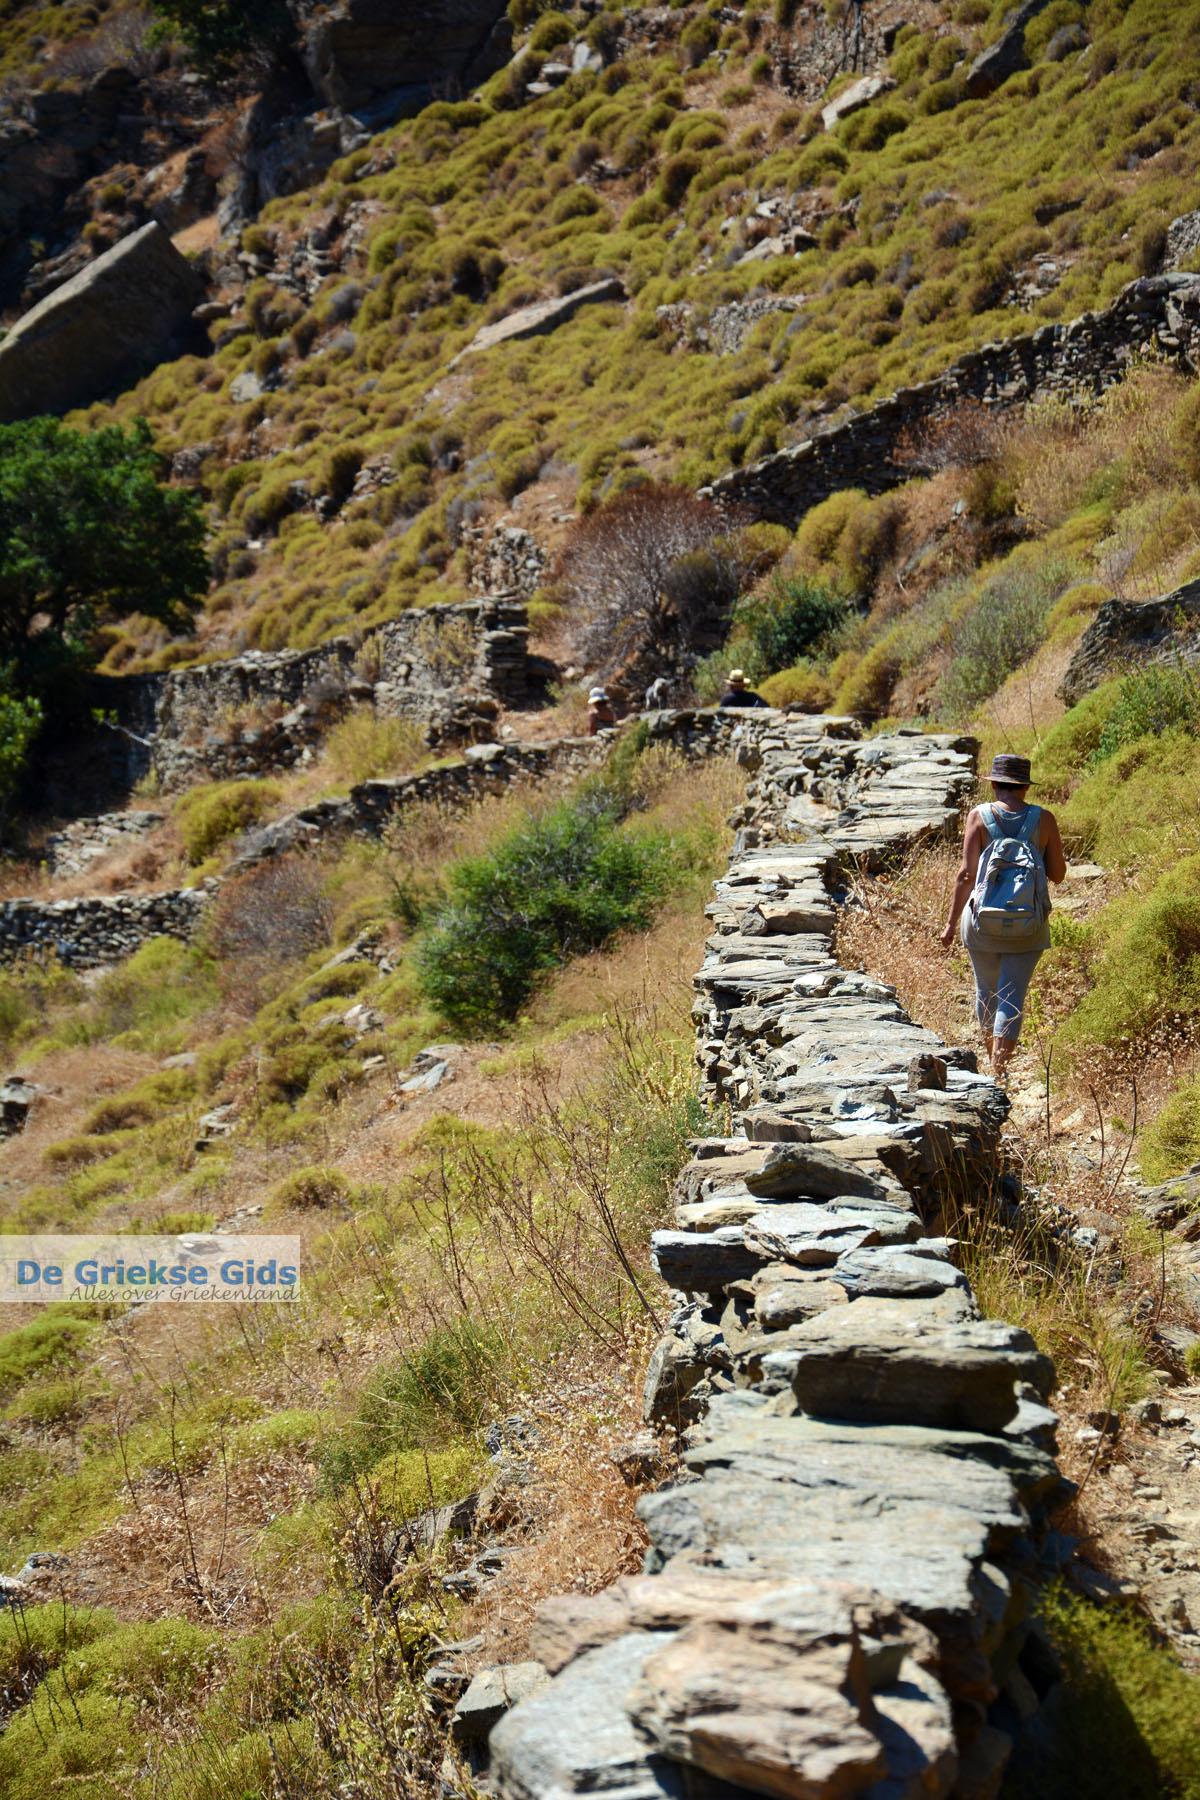 foto Bergpad-wandelpad naar Karthaia | Kato Meria | Kea (Tzia) 9